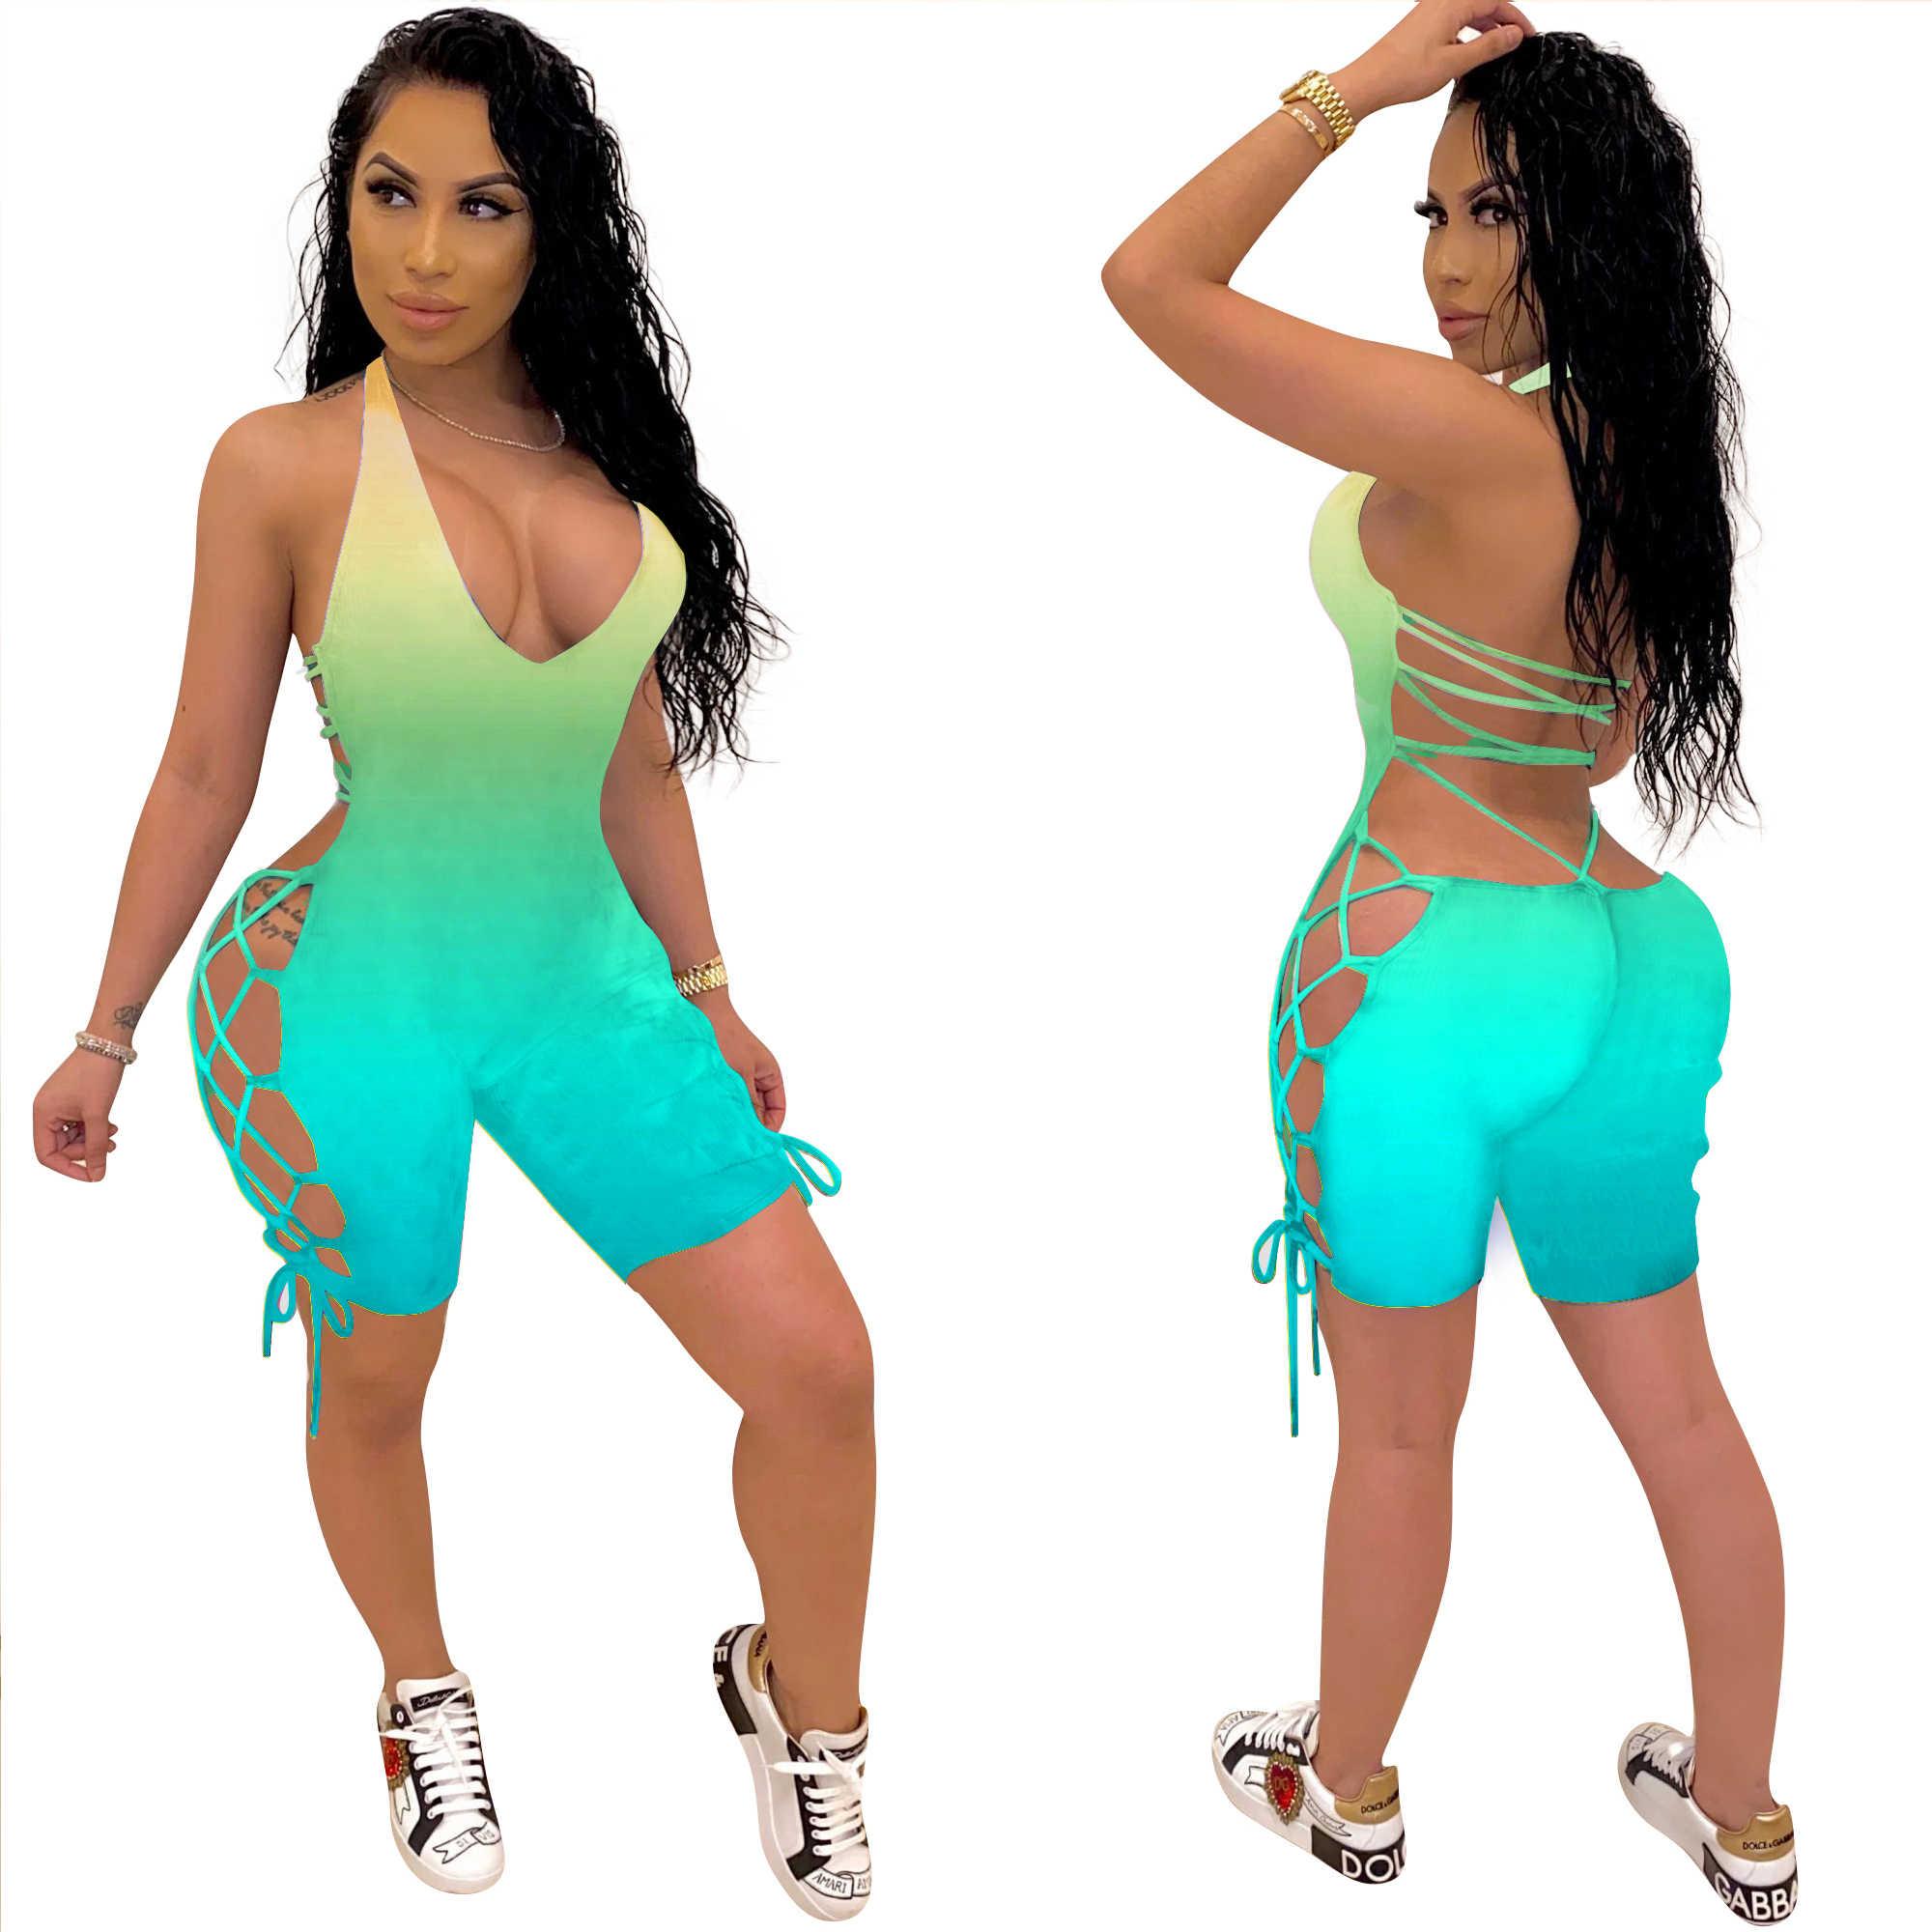 Женские облегающие комбинезоны с градиентным принтом, облегающие Комбинезоны для фитнеса, Комбинезоны для ночного клуба вечеринки, Цельный Наряд, GL159, лето 2020